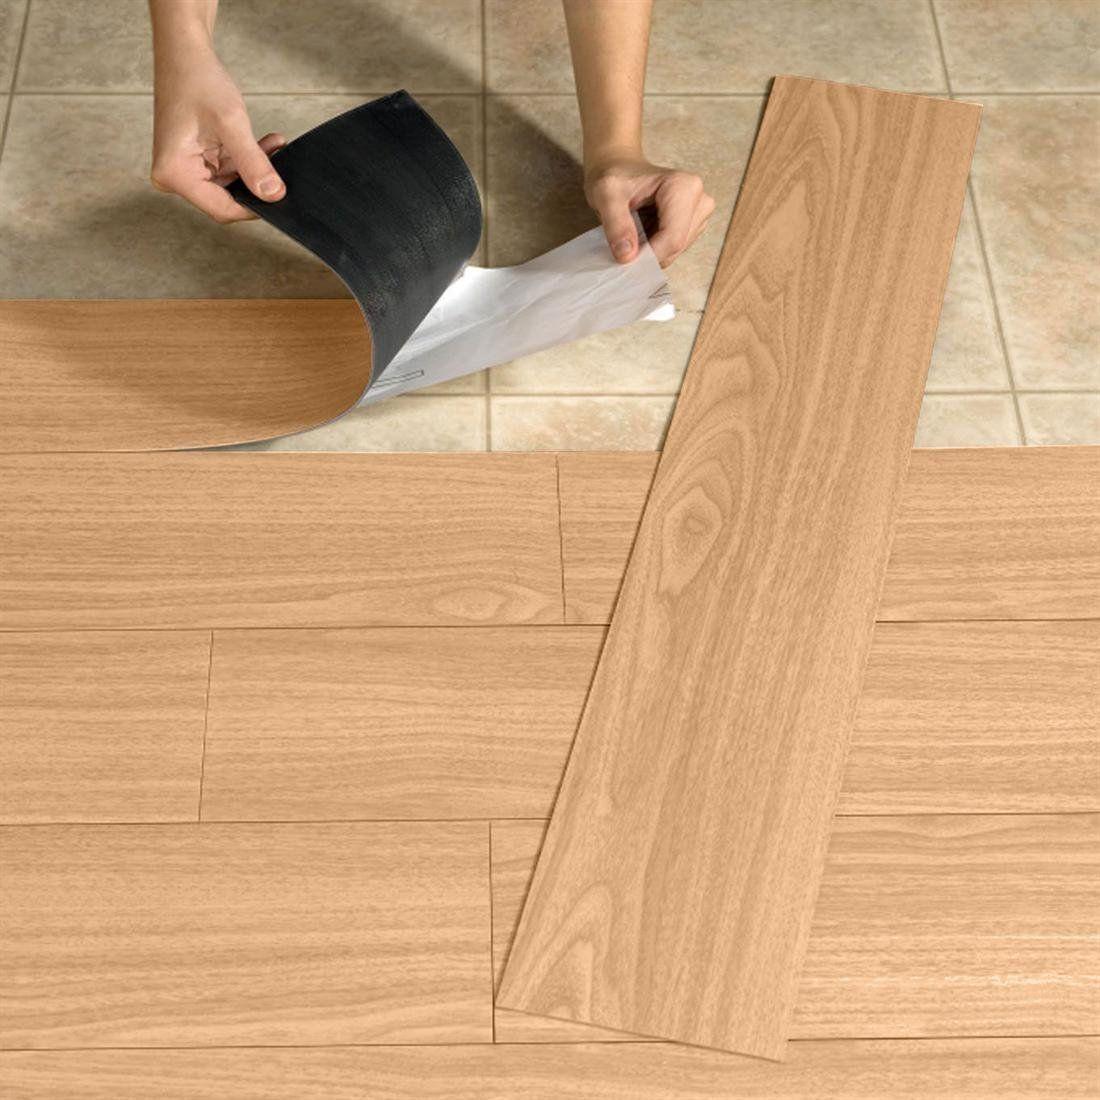 Stick On Tile Flooring Ncuhdwt Peel and stick wood, Peel